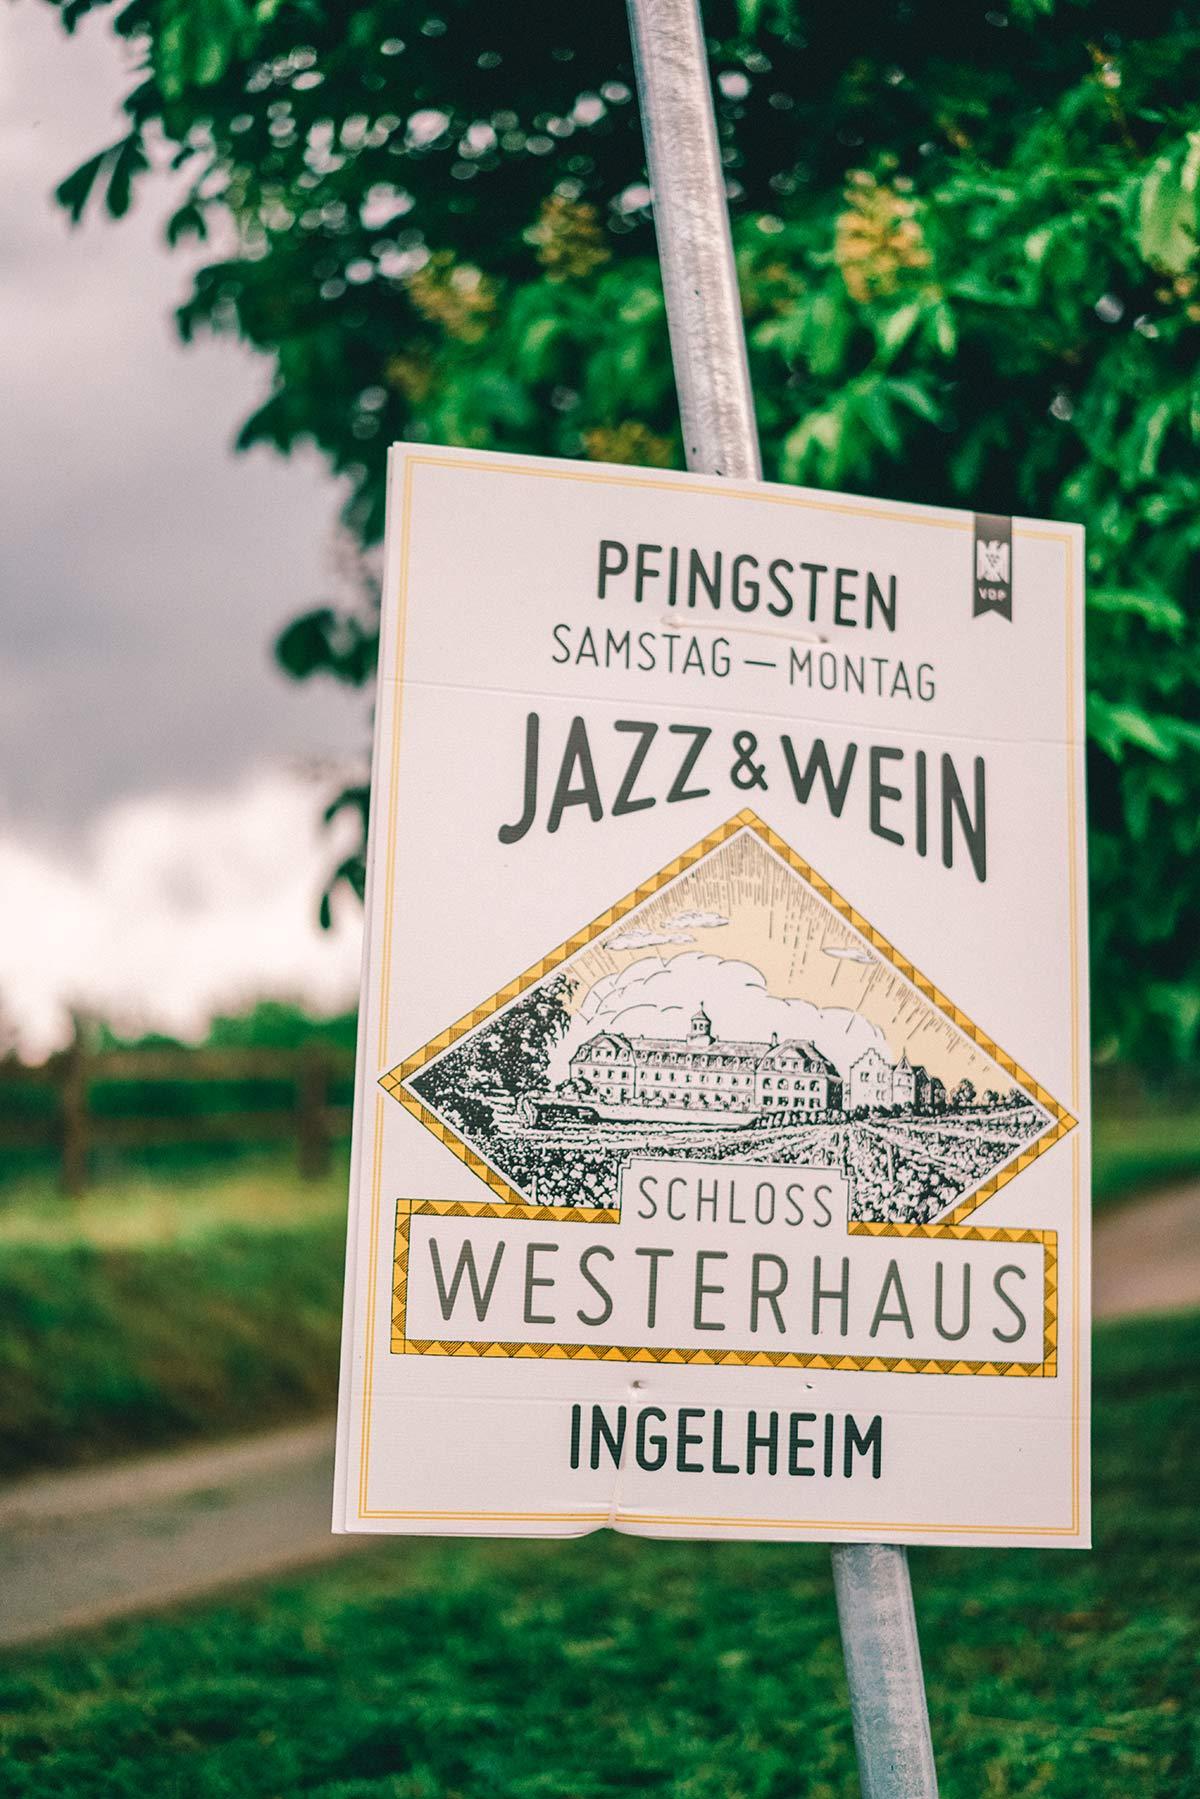 Schloss Westerhaus Jazz & Wein